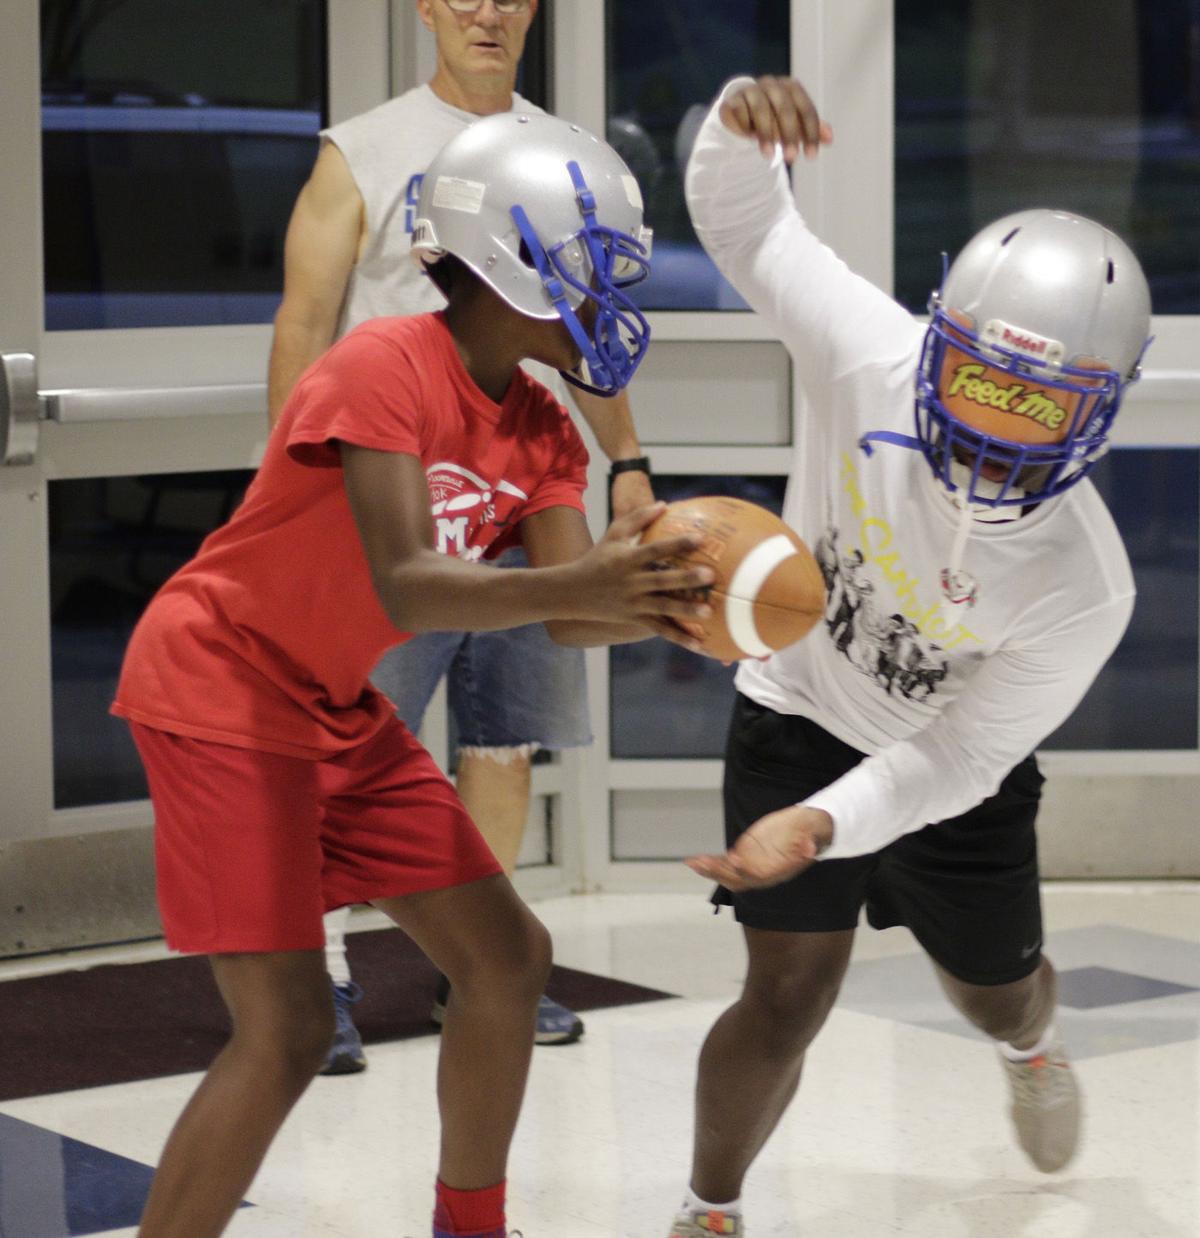 Statesville first football practice